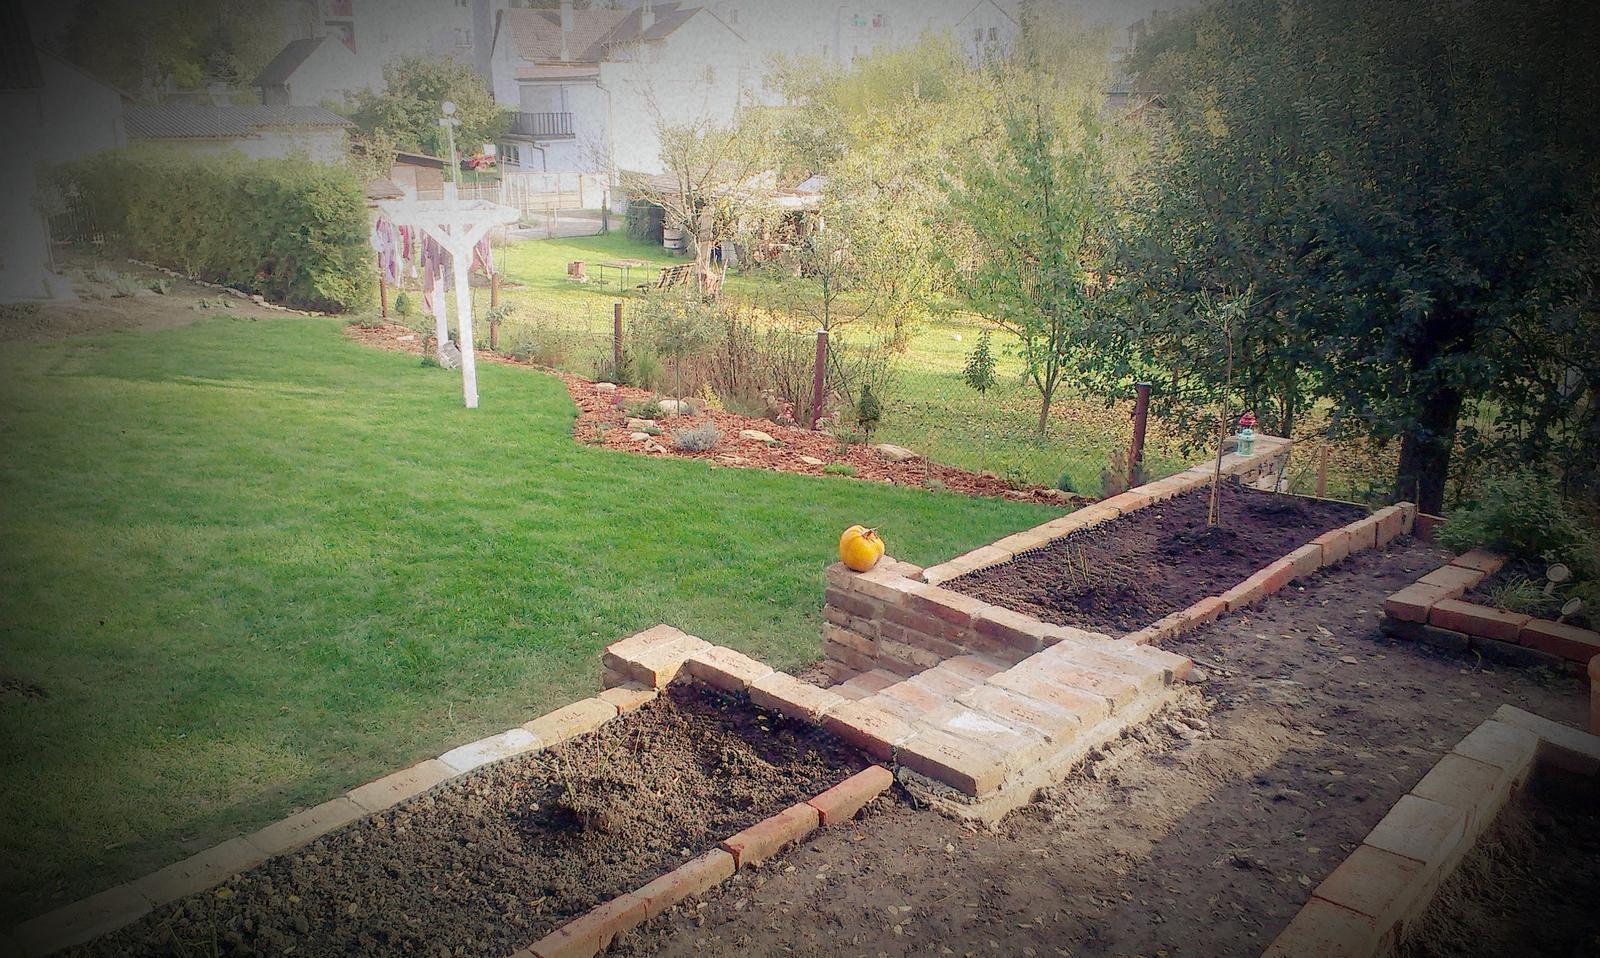 Záhrada - začal predaj ruží a stromkov v Mceloch tak sme nabehli a nakupovali a nakupovali a nakupovali.... :-))